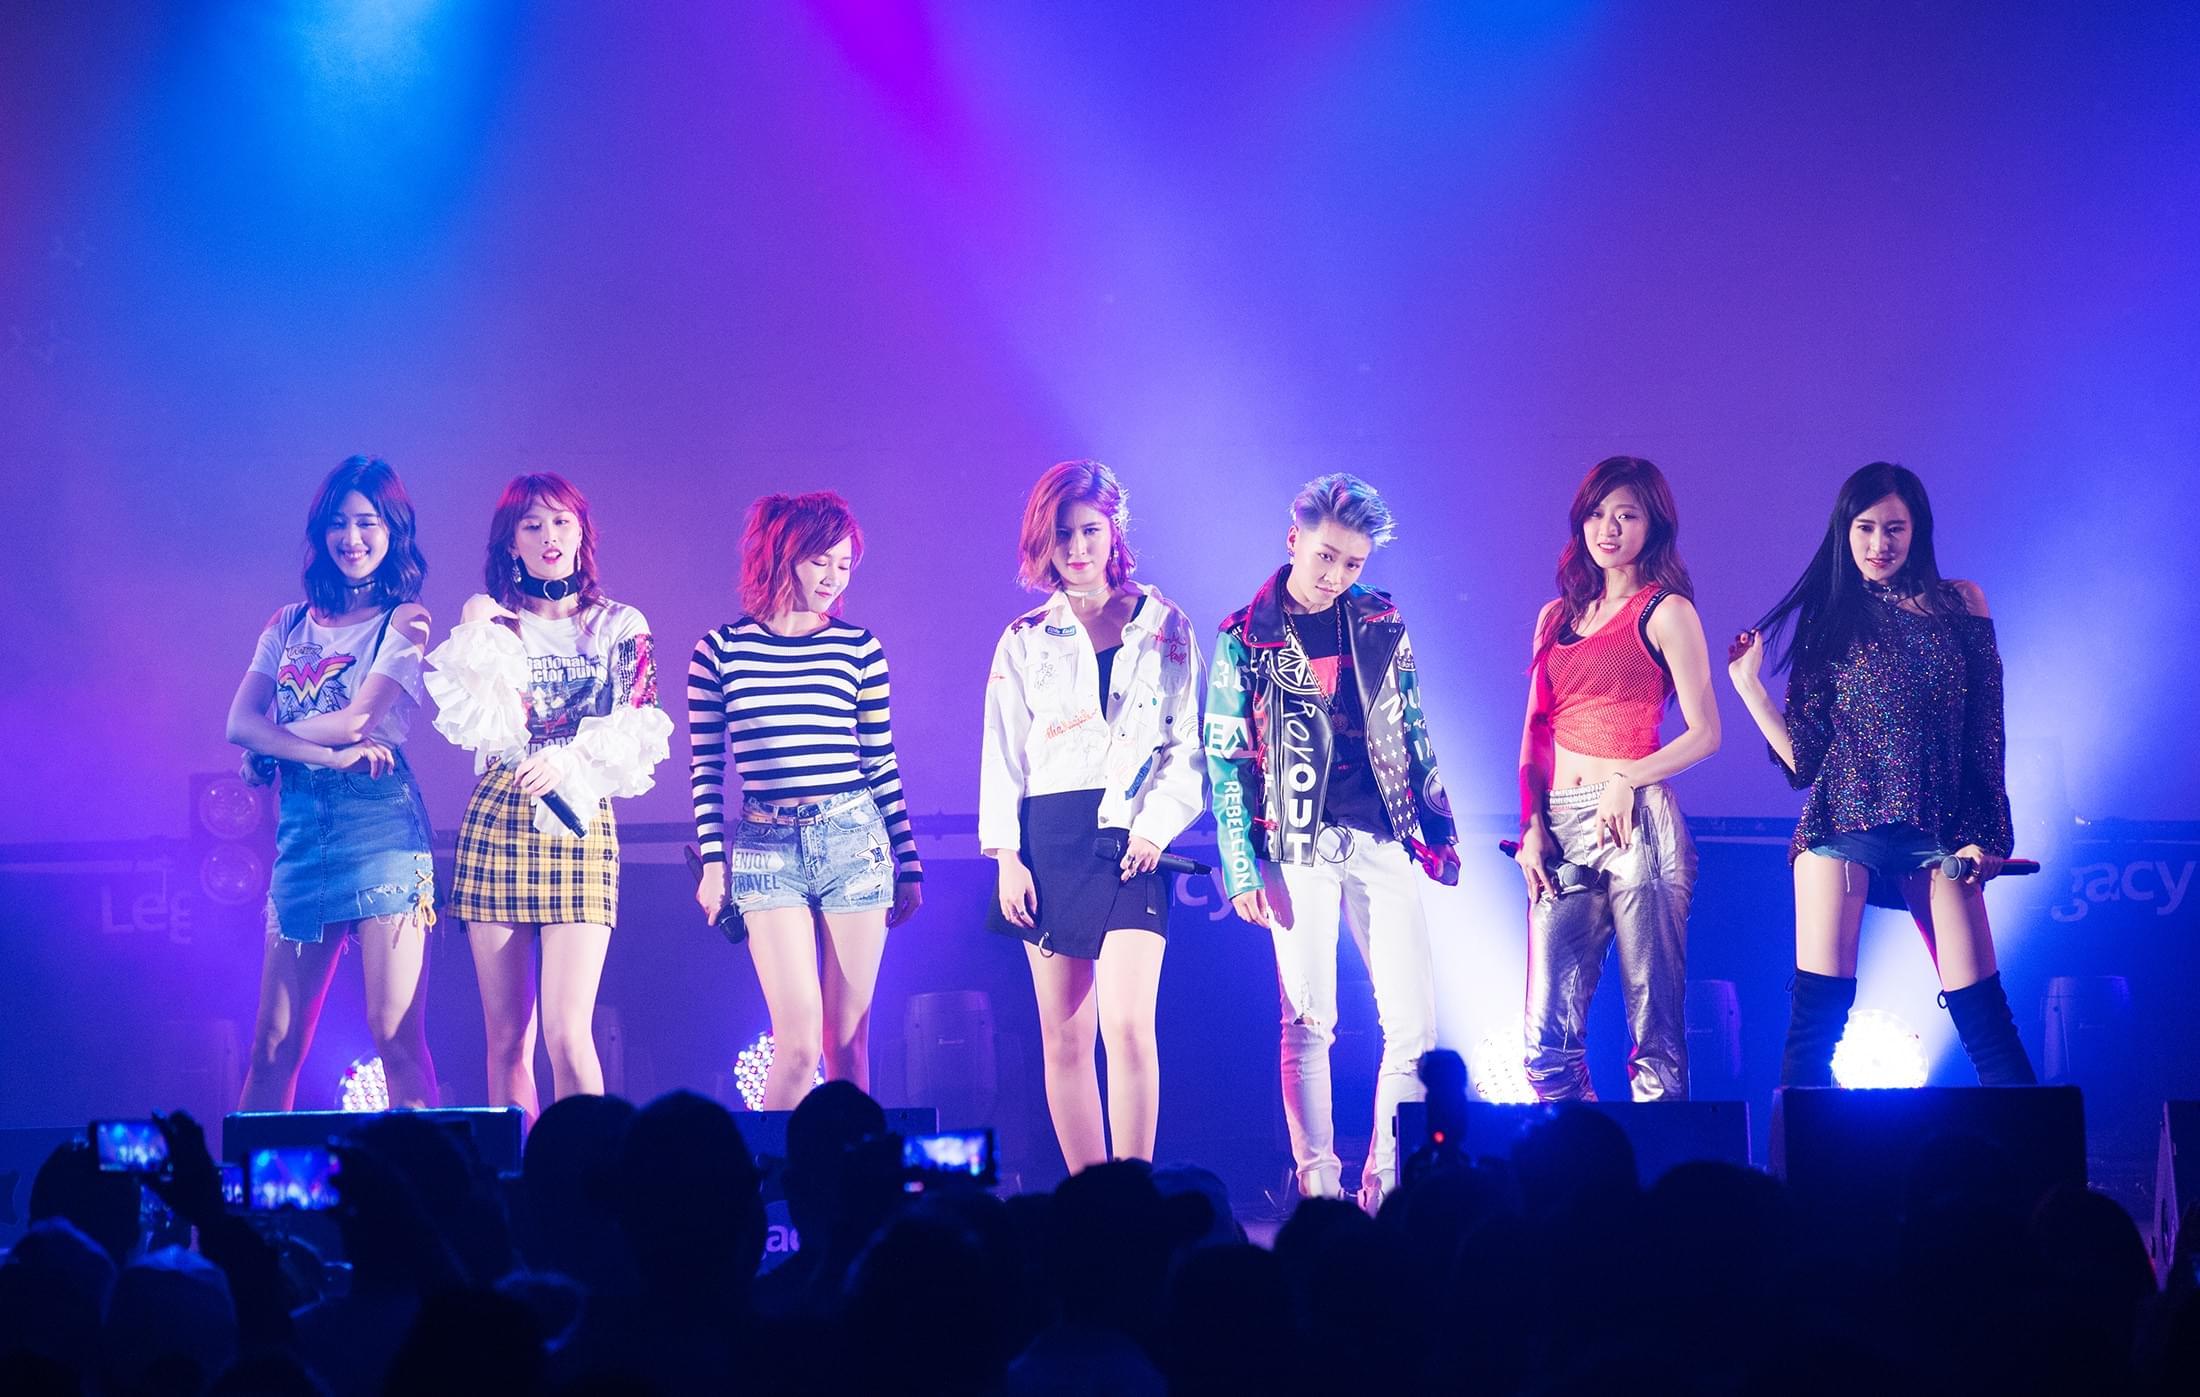 吴奇隆谢霆锋的蜜蜂少女们 台北演唱会热辣亮相